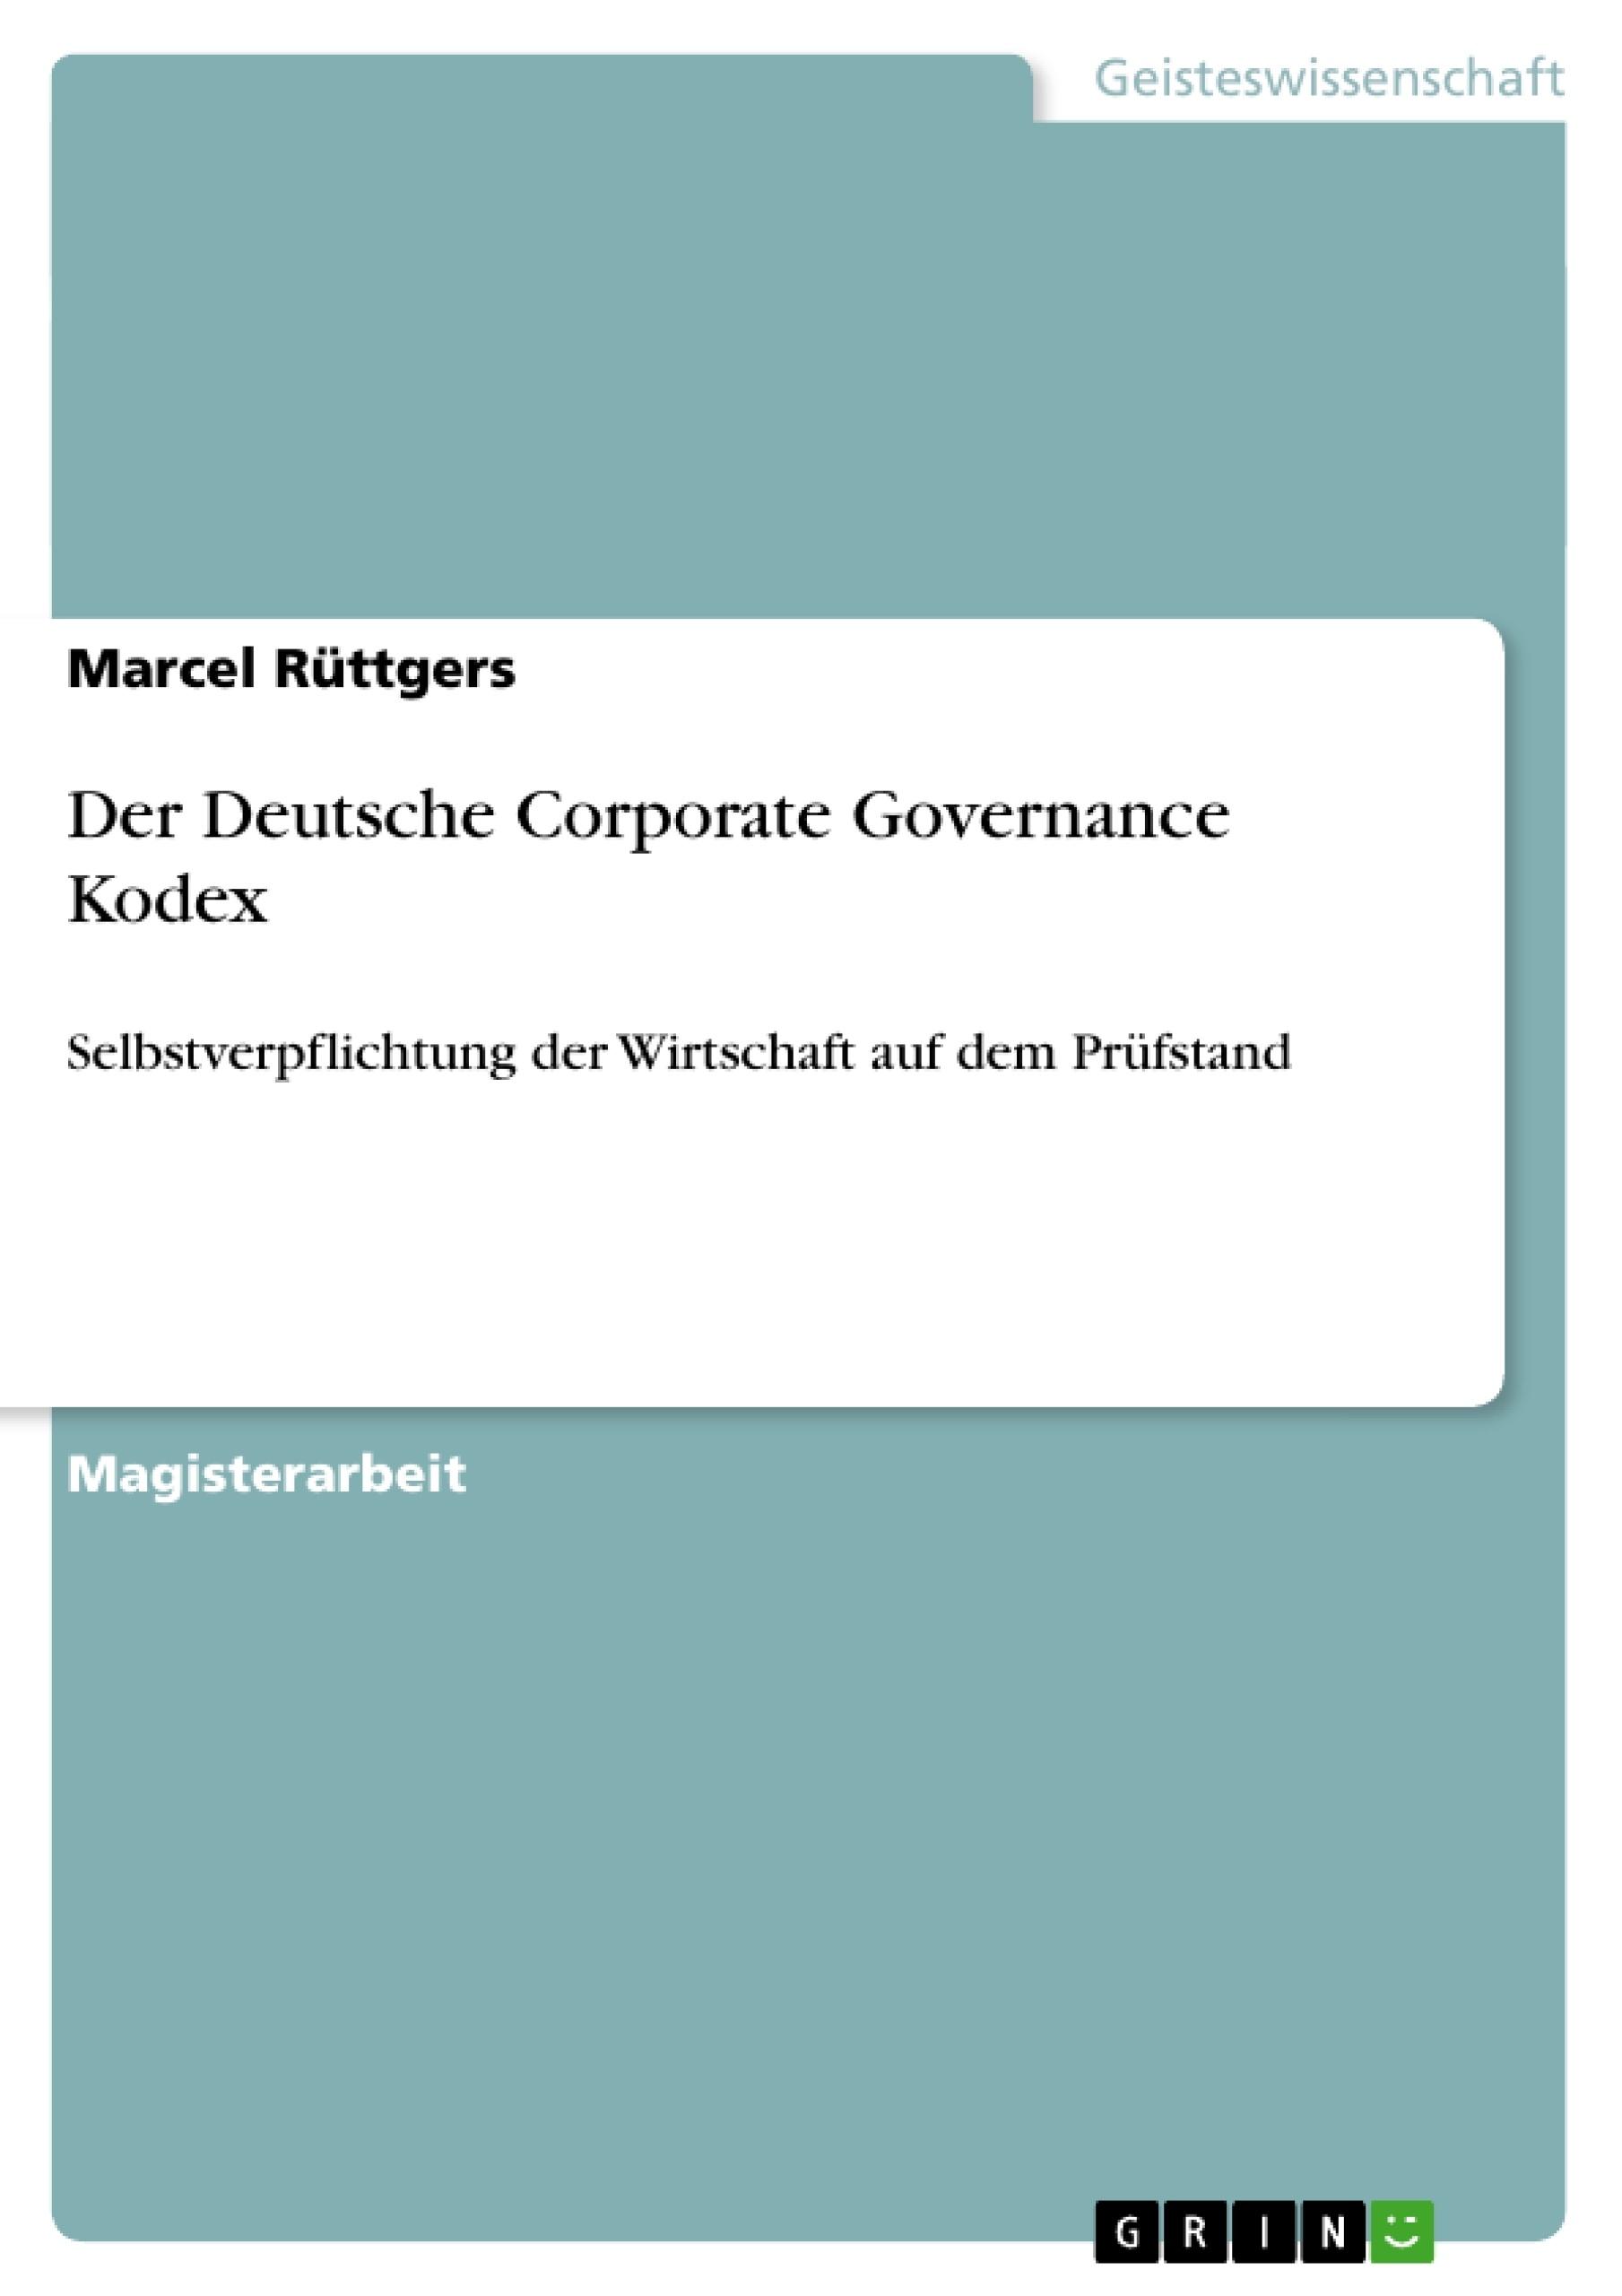 Titel: Der Deutsche Corporate Governance Kodex